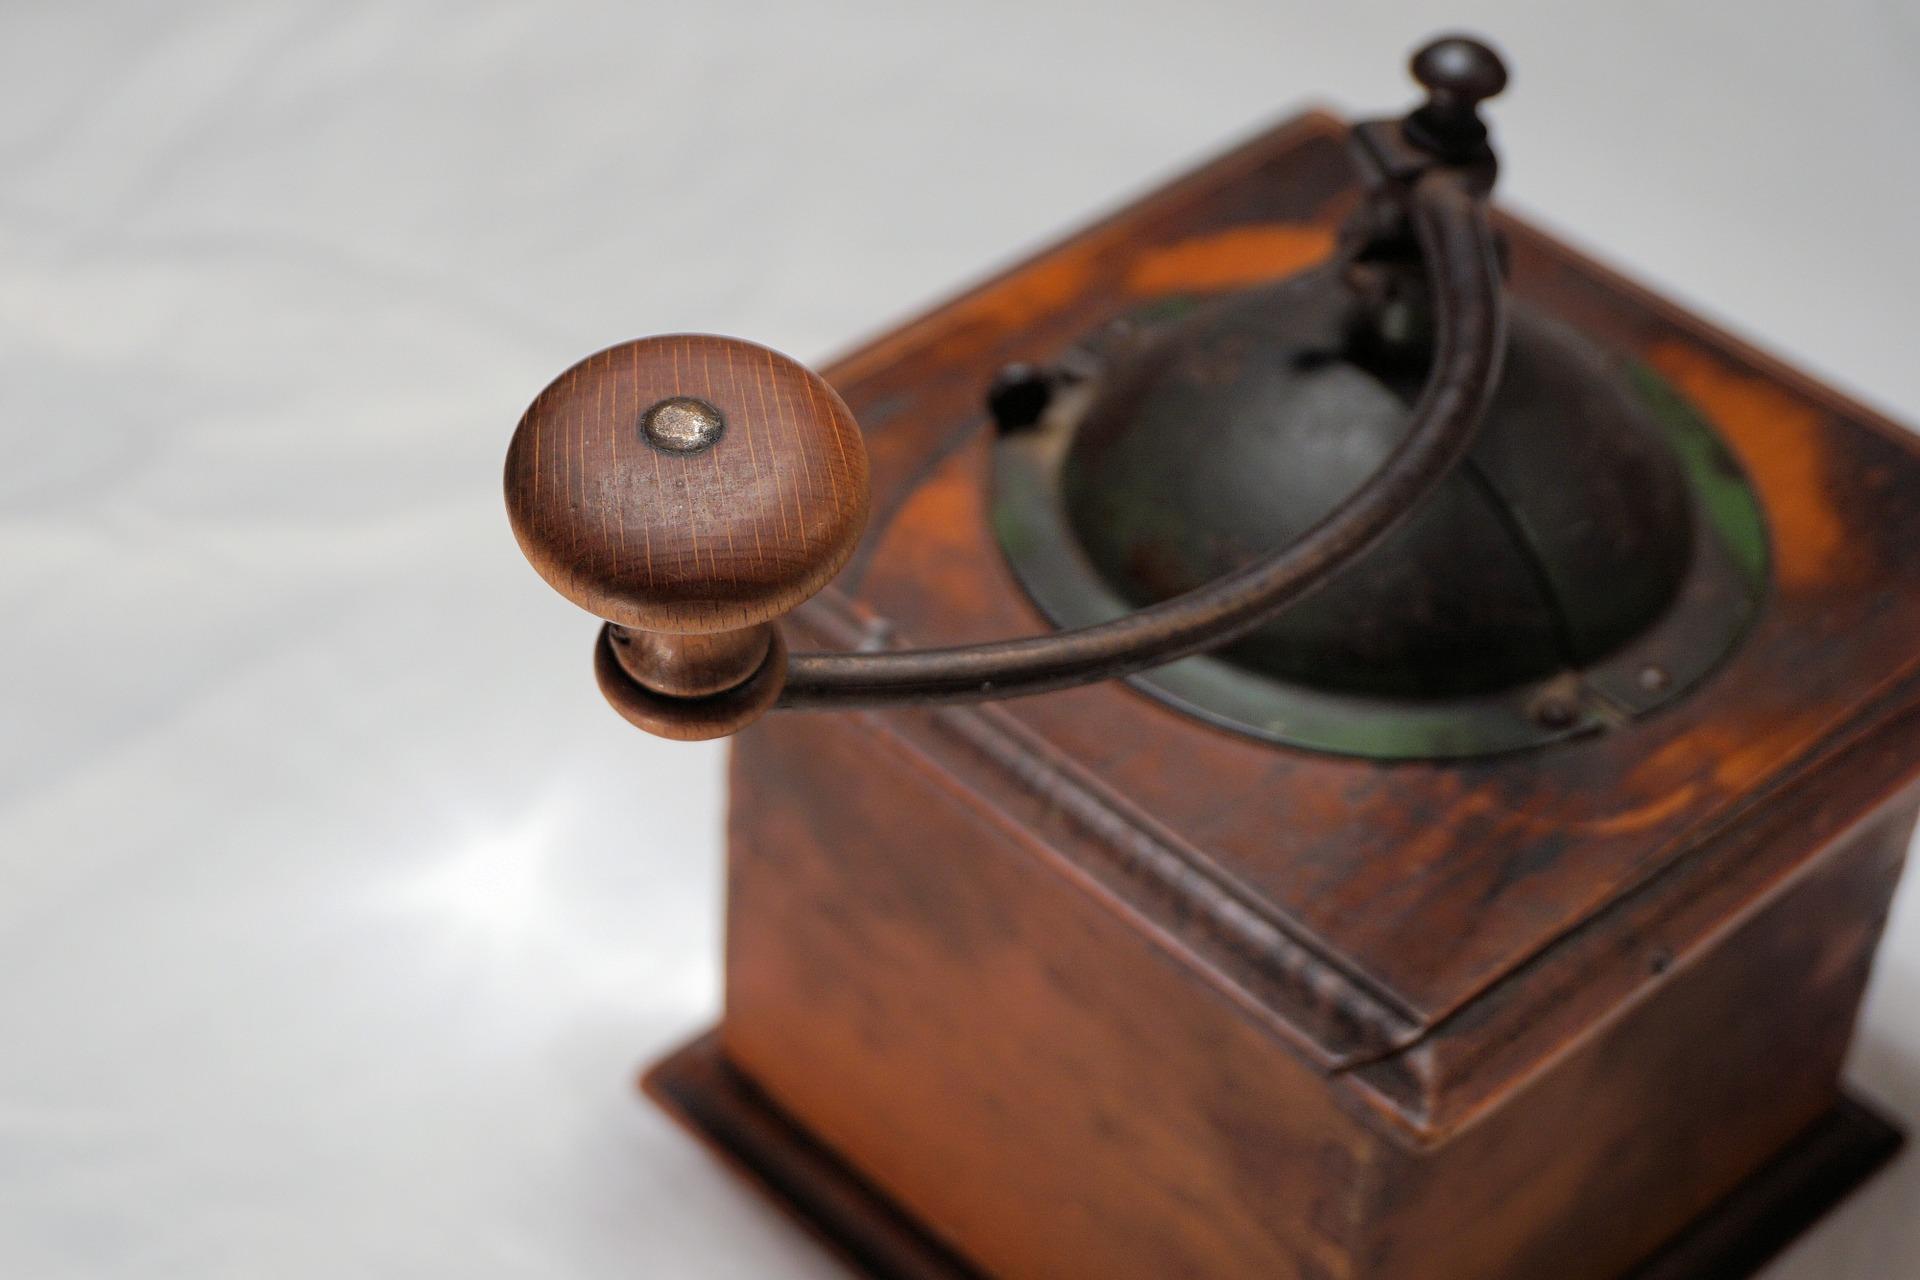 Antiquitäten Schätzen Lassen Hamburg : News antiquitäten wertvoll oder nicht